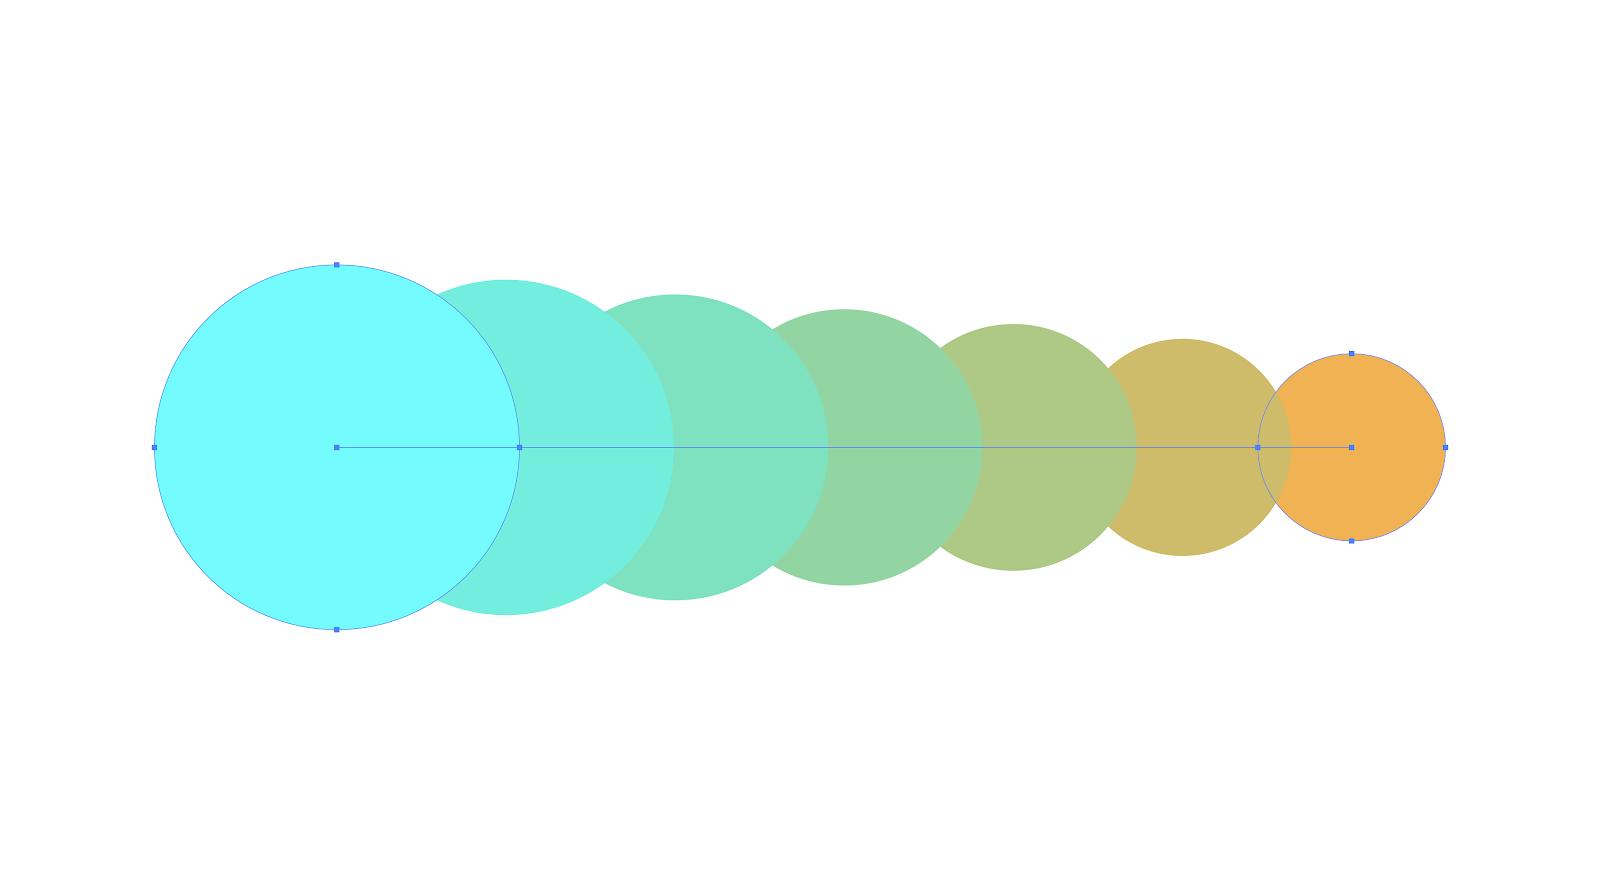 Circle descriptors